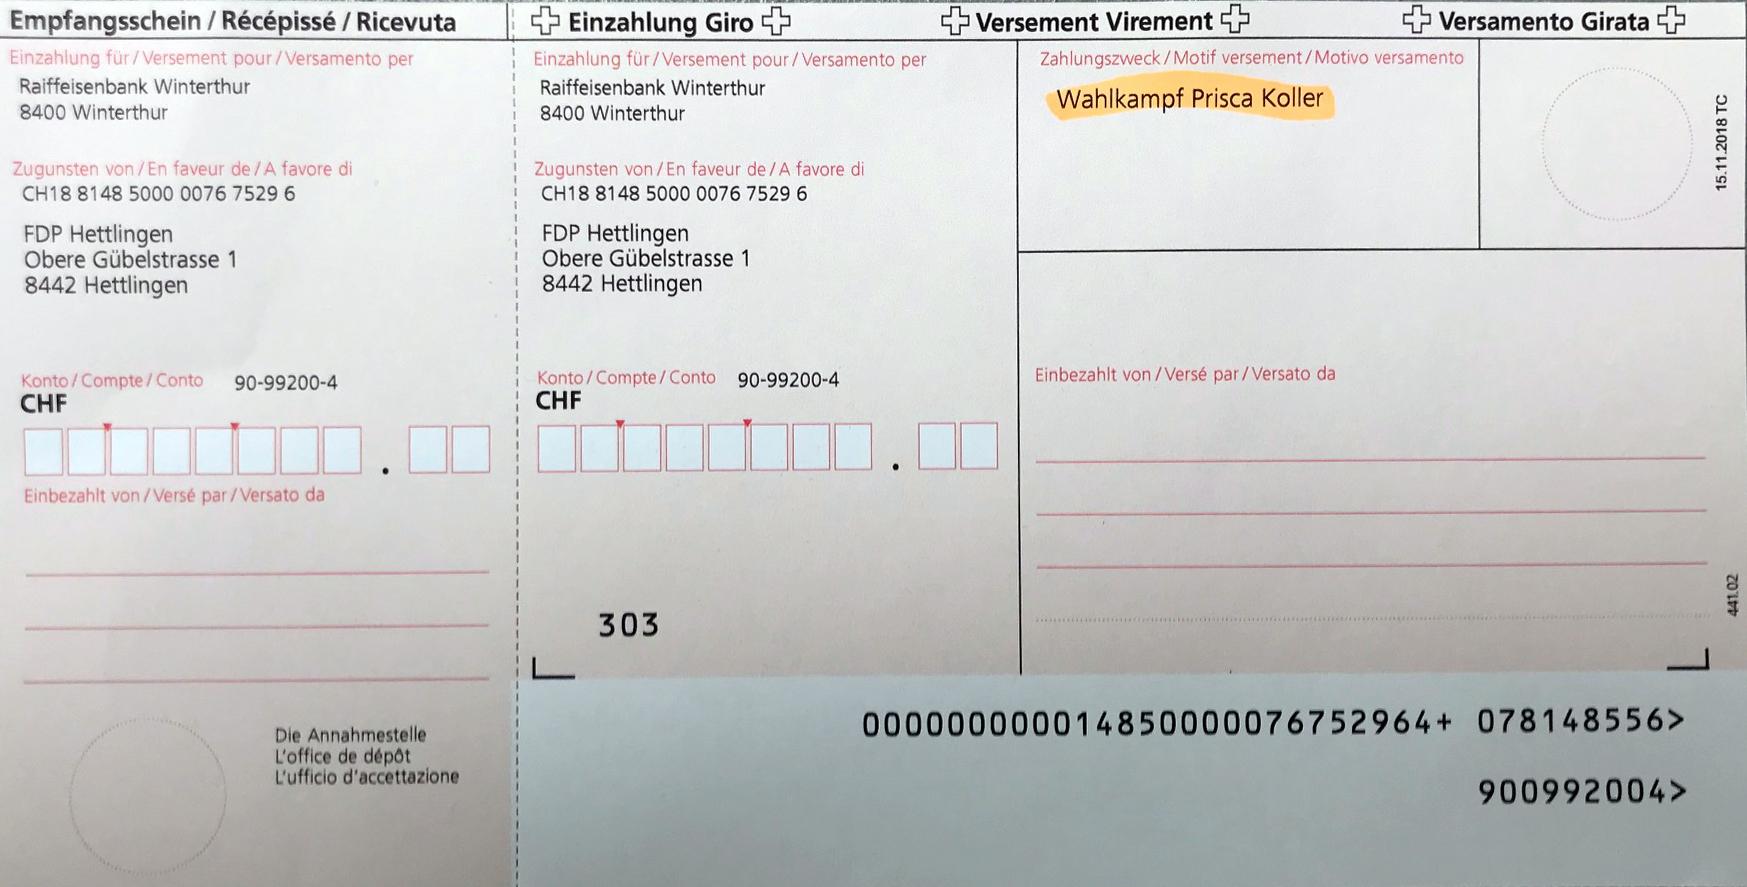 Ein Klick auf das Bild vergrössert den Einzahlungsschein.